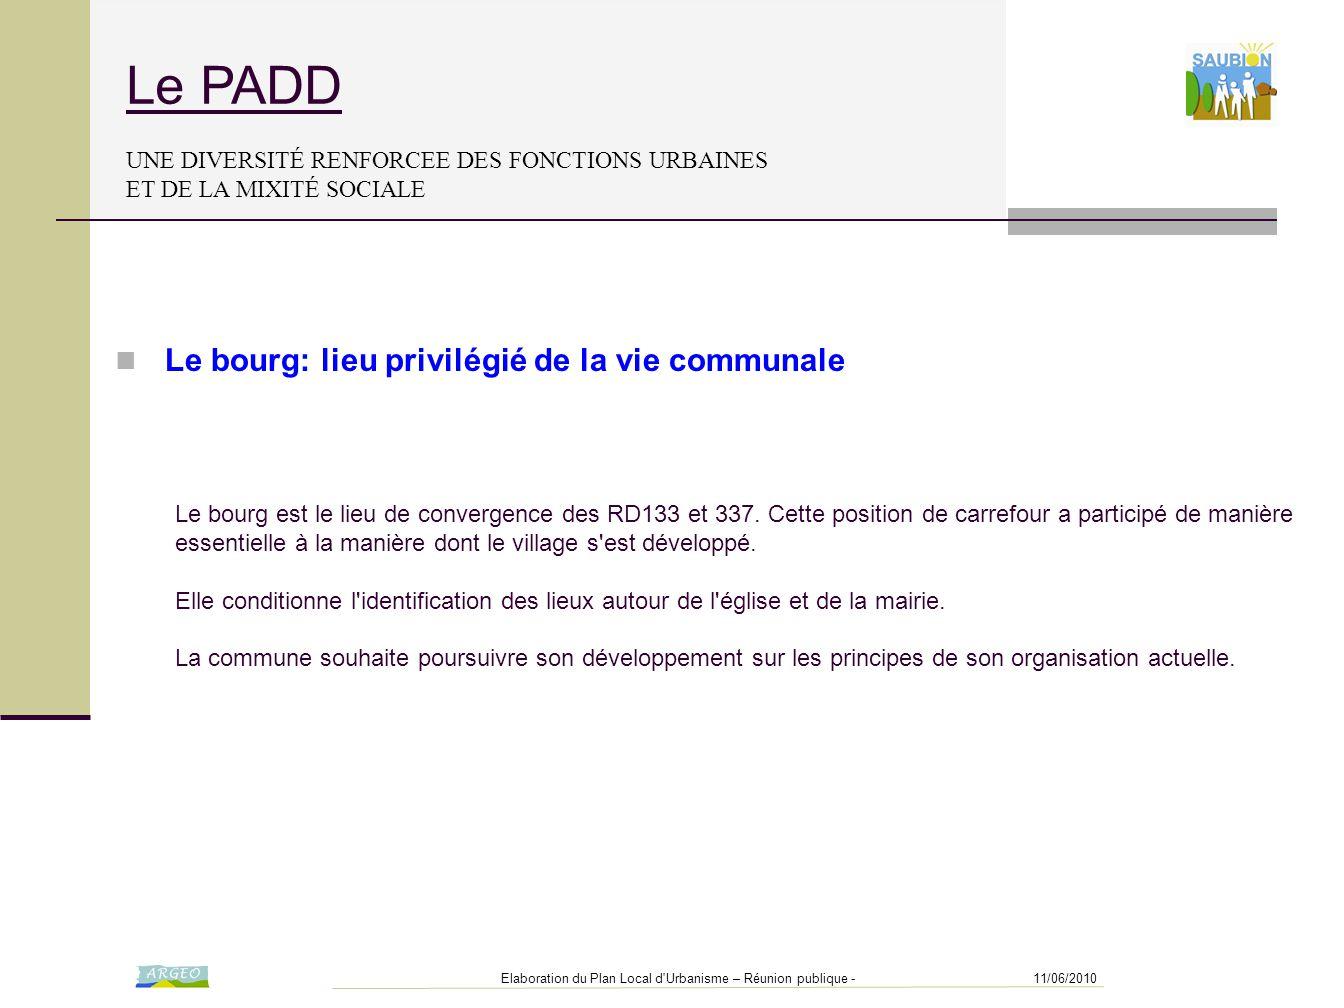 11/06/2010Elaboration du Plan Local d'Urbanisme – Réunion publique - Le PADD UNE DIVERSITÉ RENFORCEE DES FONCTIONS URBAINES ET DE LA MIXITÉ SOCIALE Le